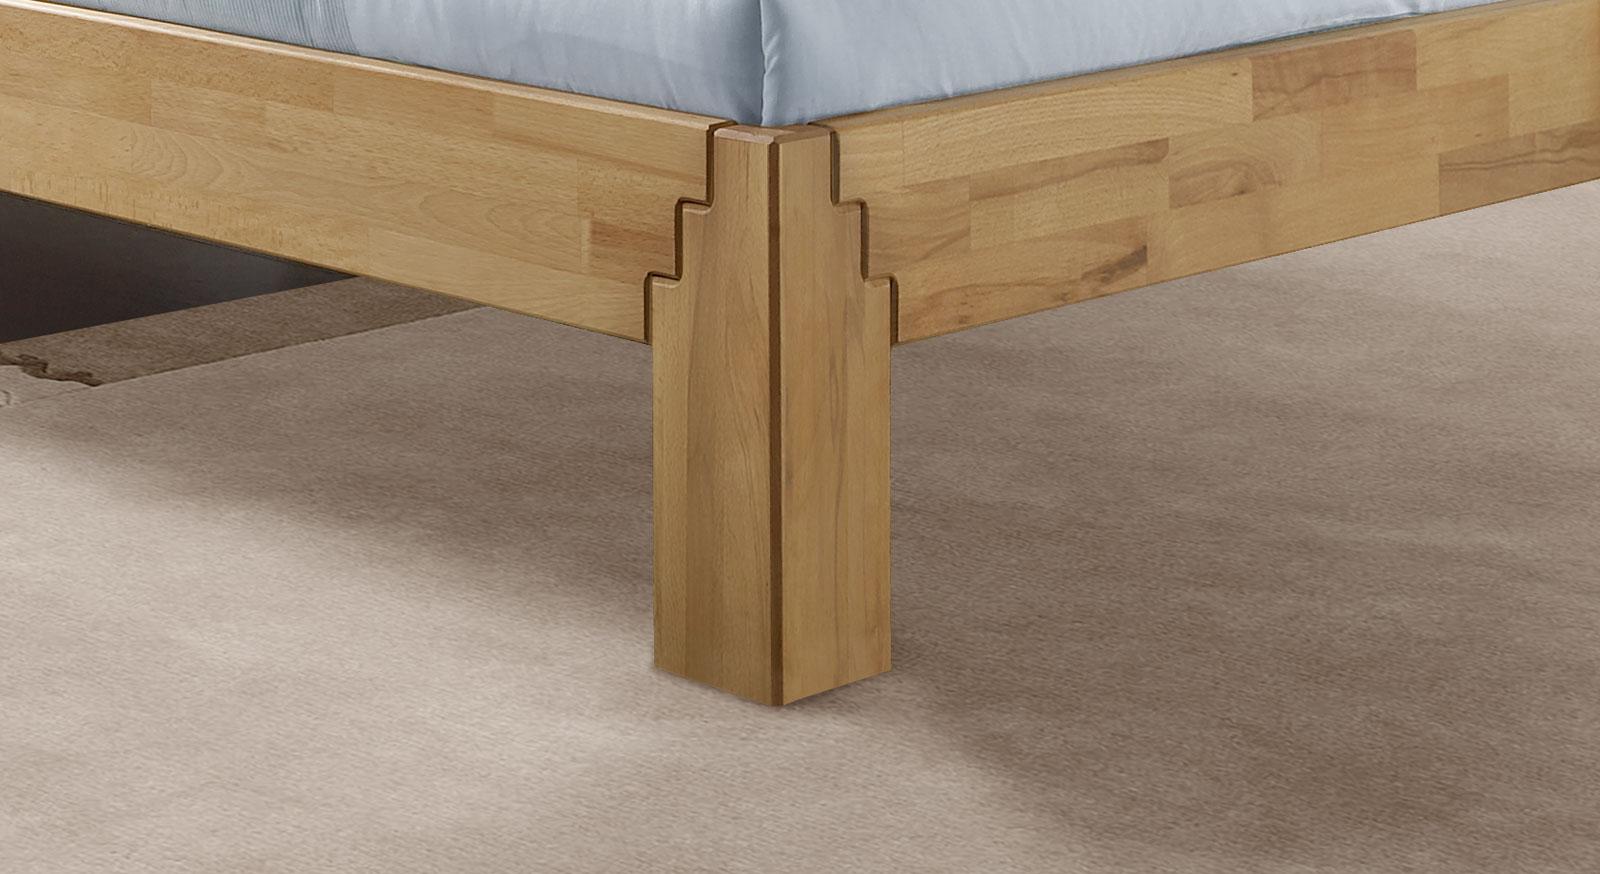 Bett Jura mit Bettbeinen in Treppenoptik